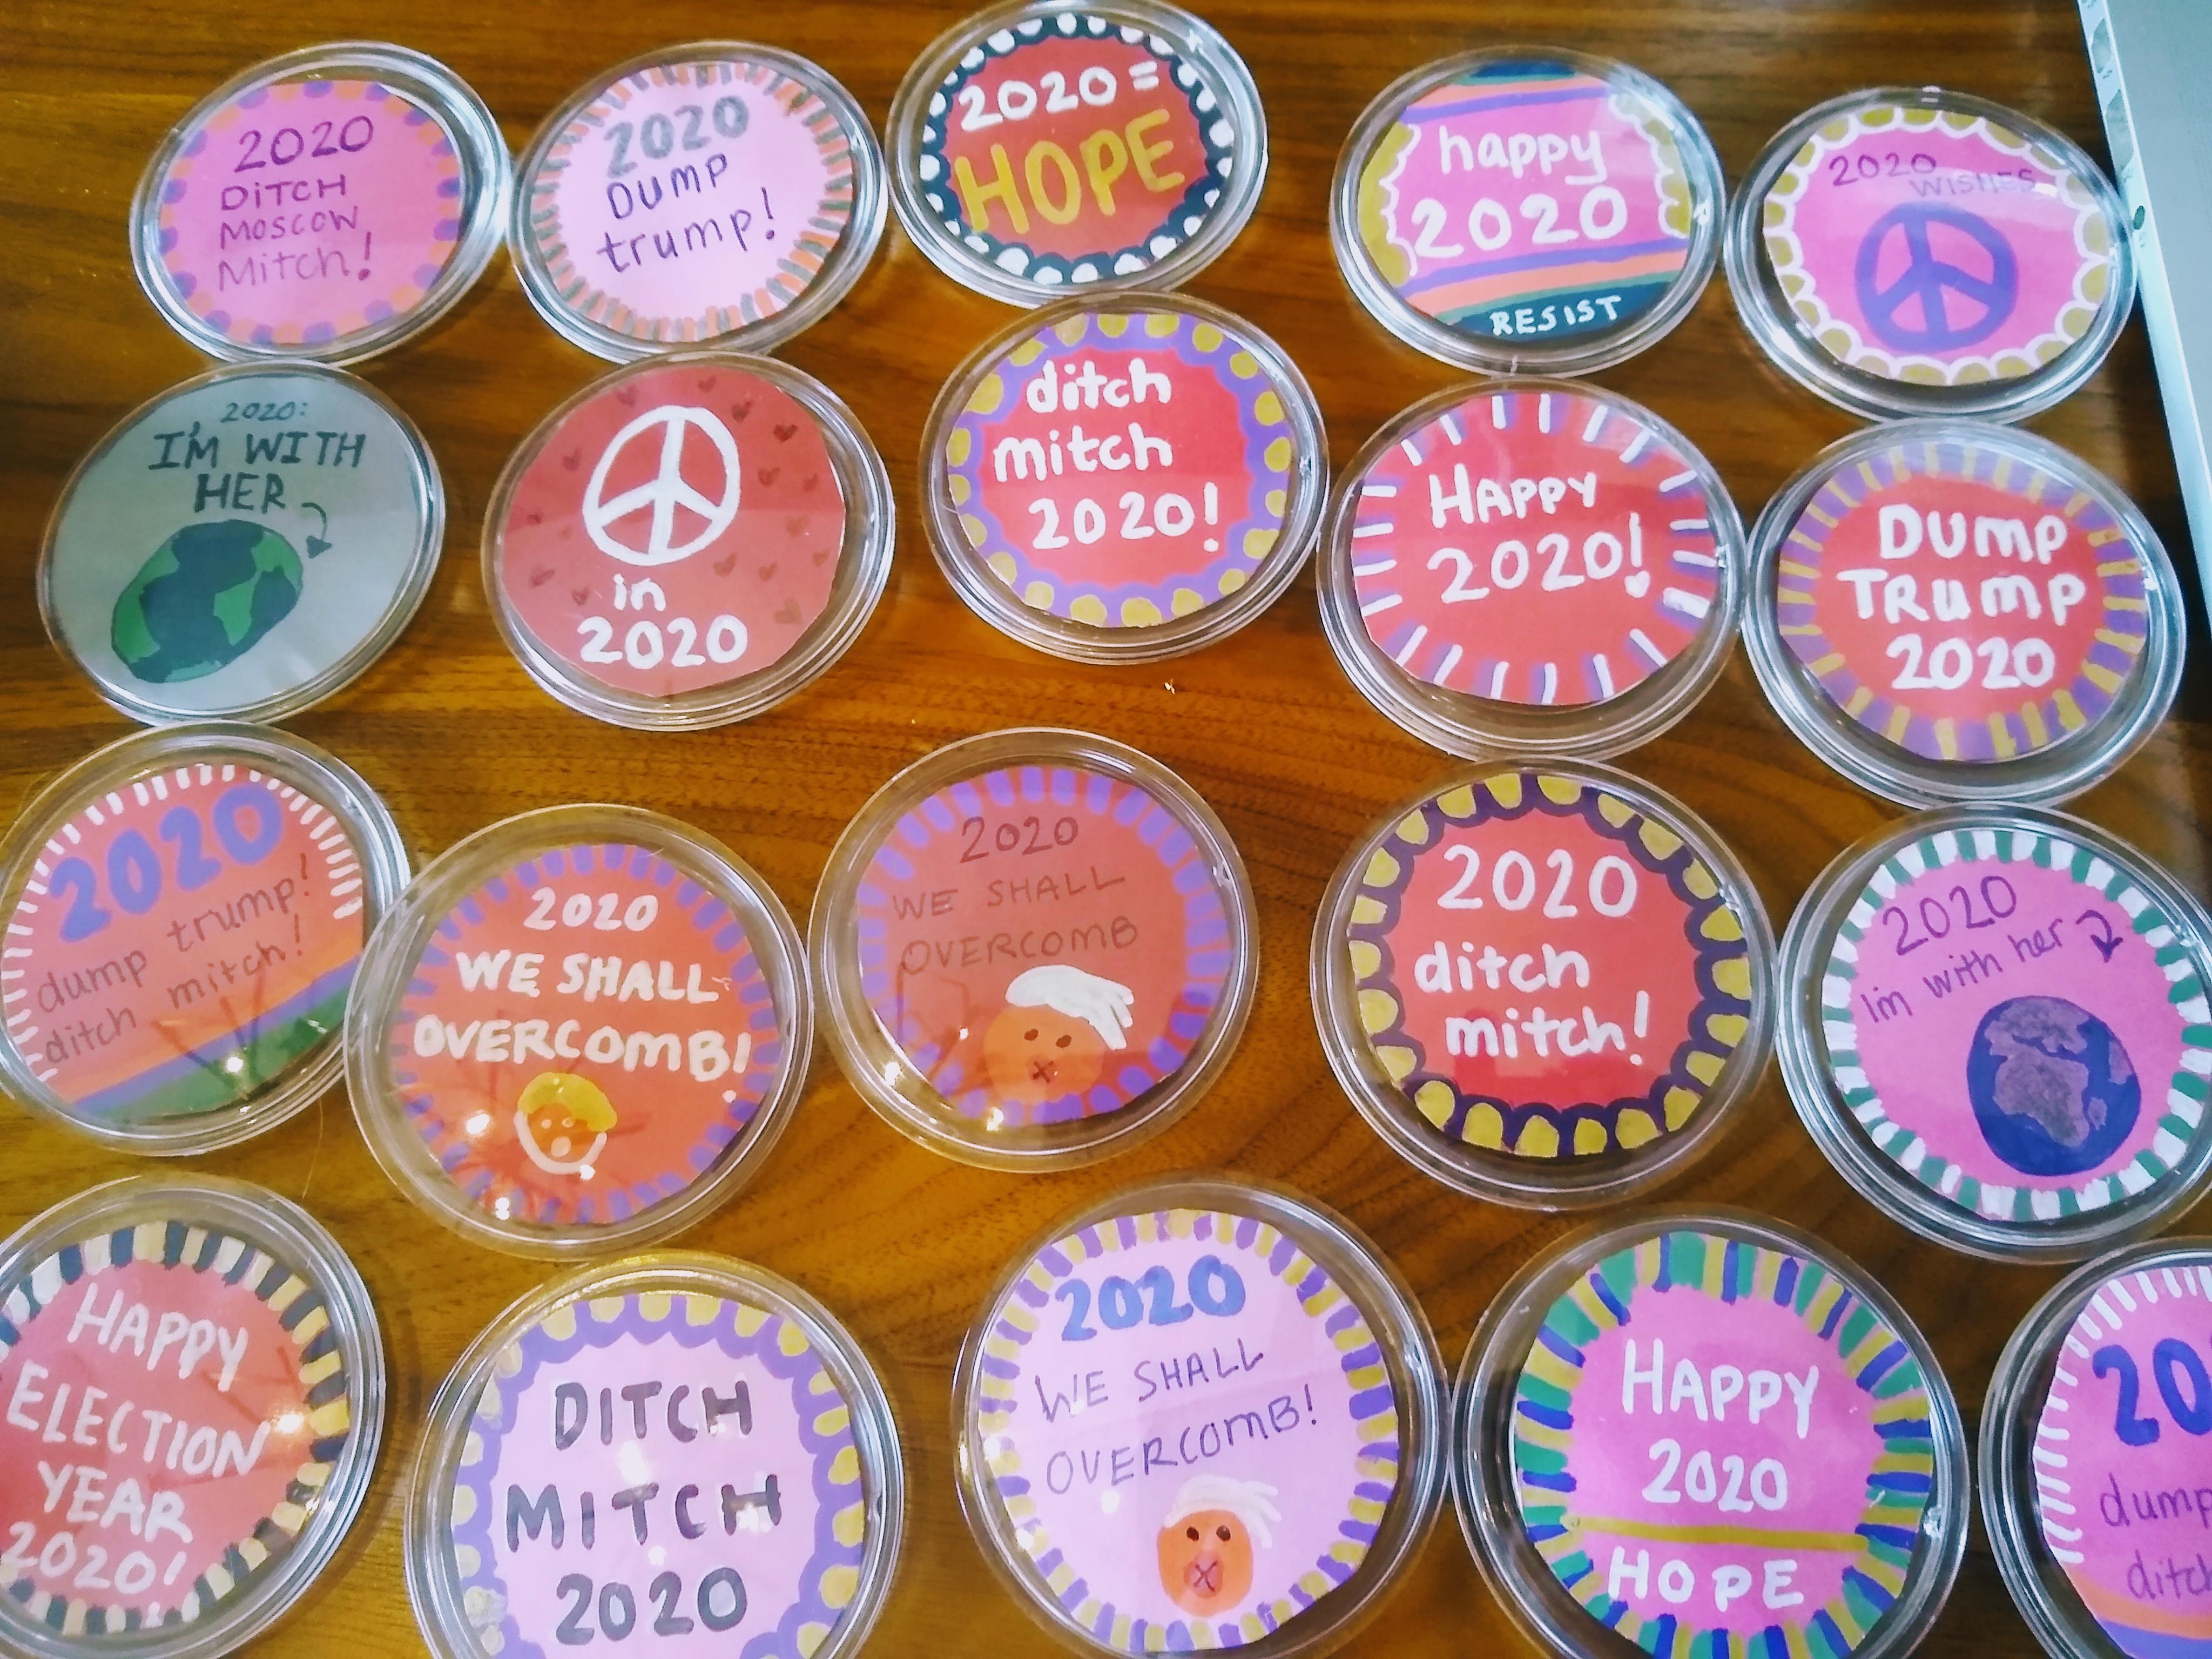 handmade political buttons